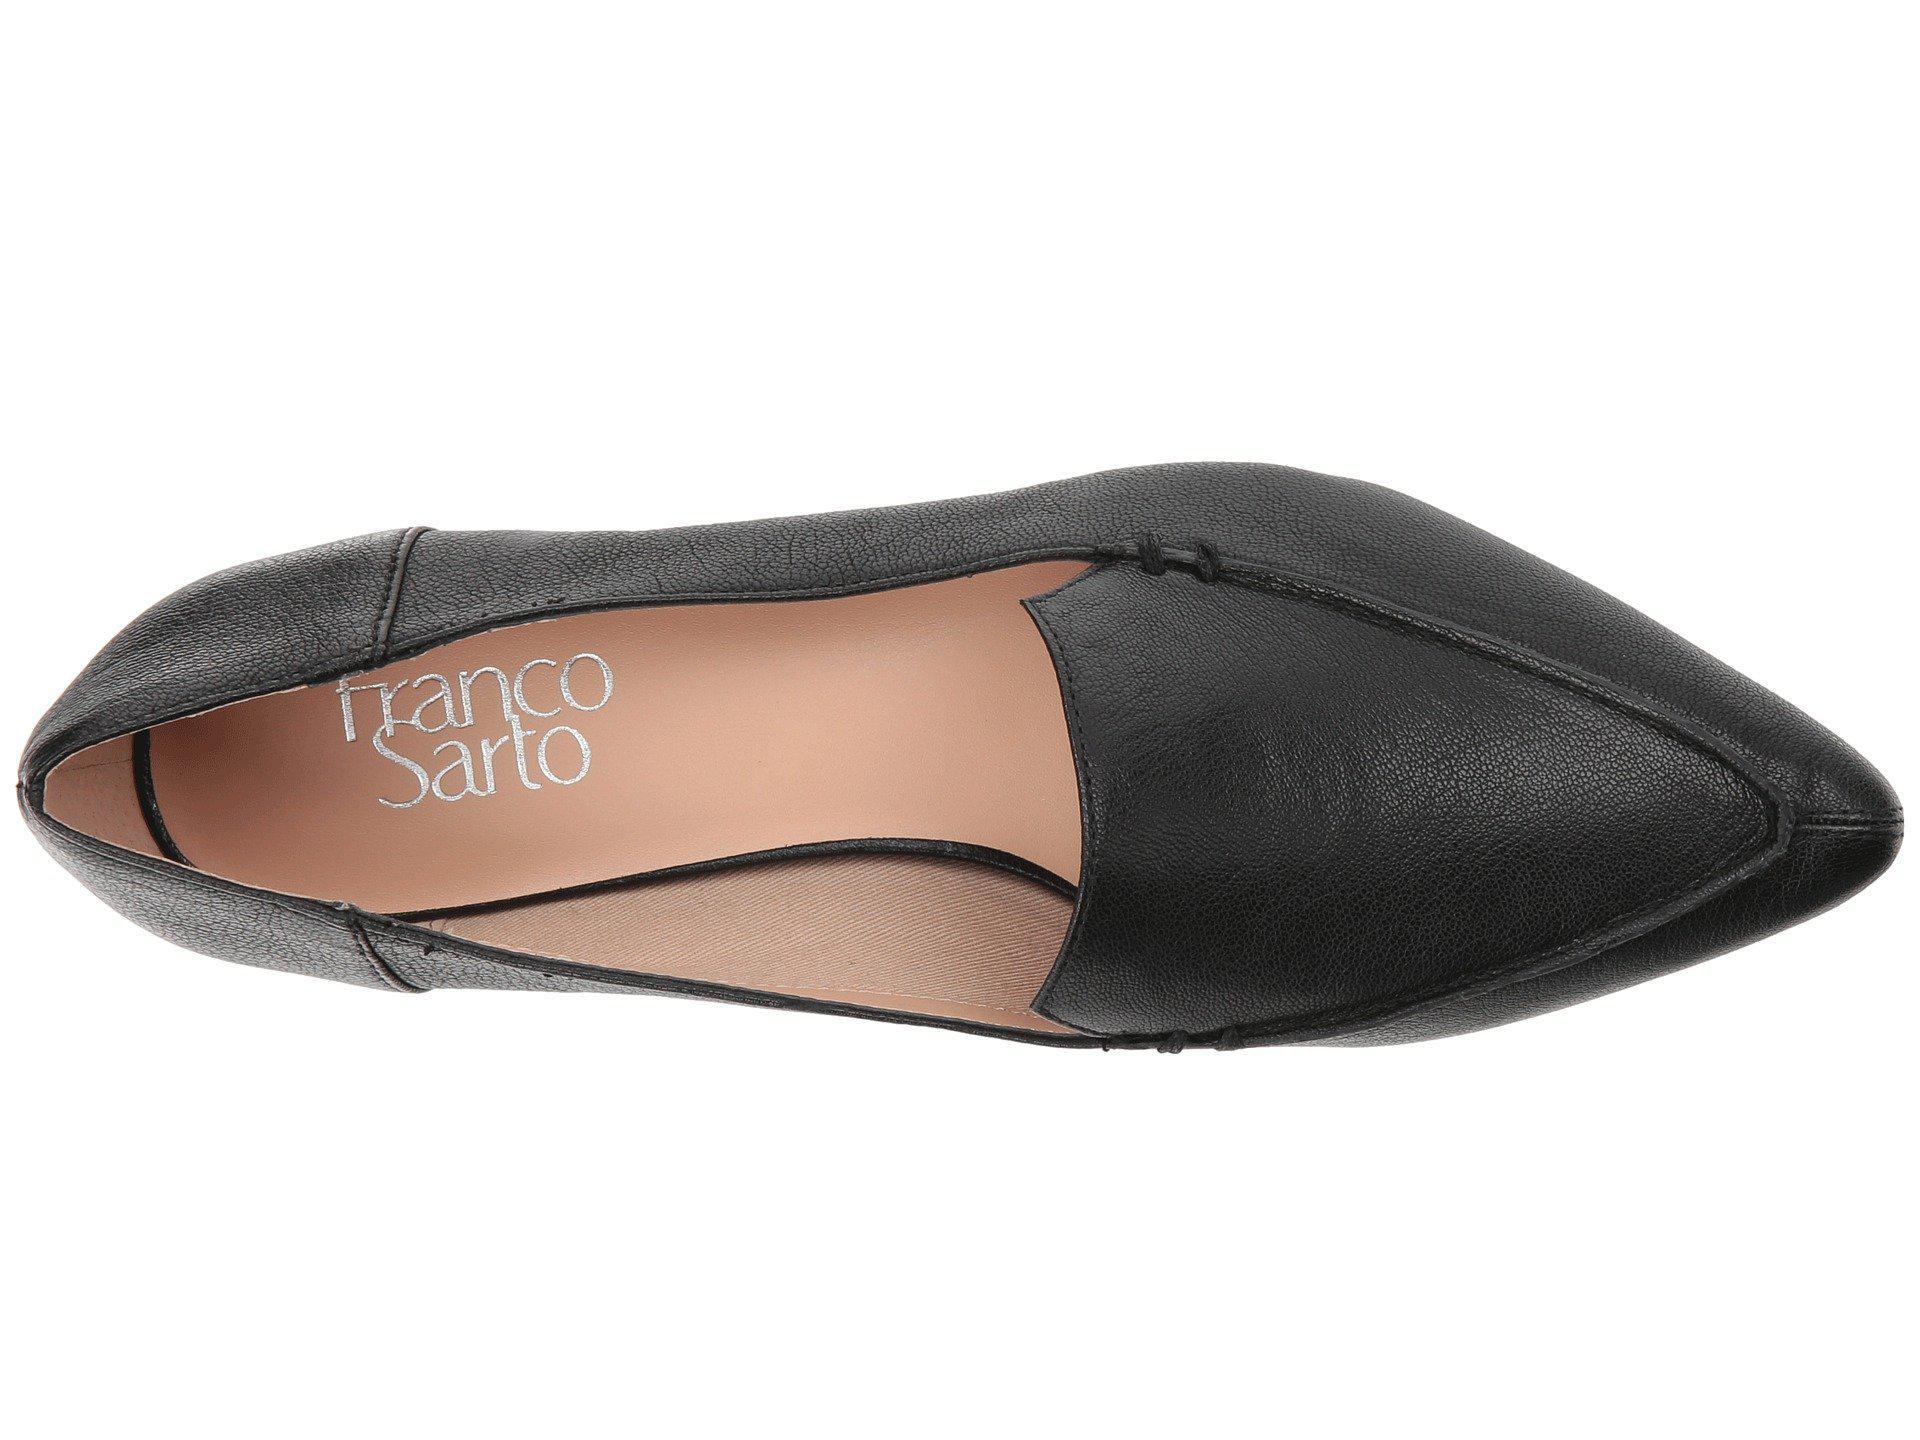 987f7e4e435 Lyst - Franco Sarto Starland (gold copper) Women s Shoes in Black